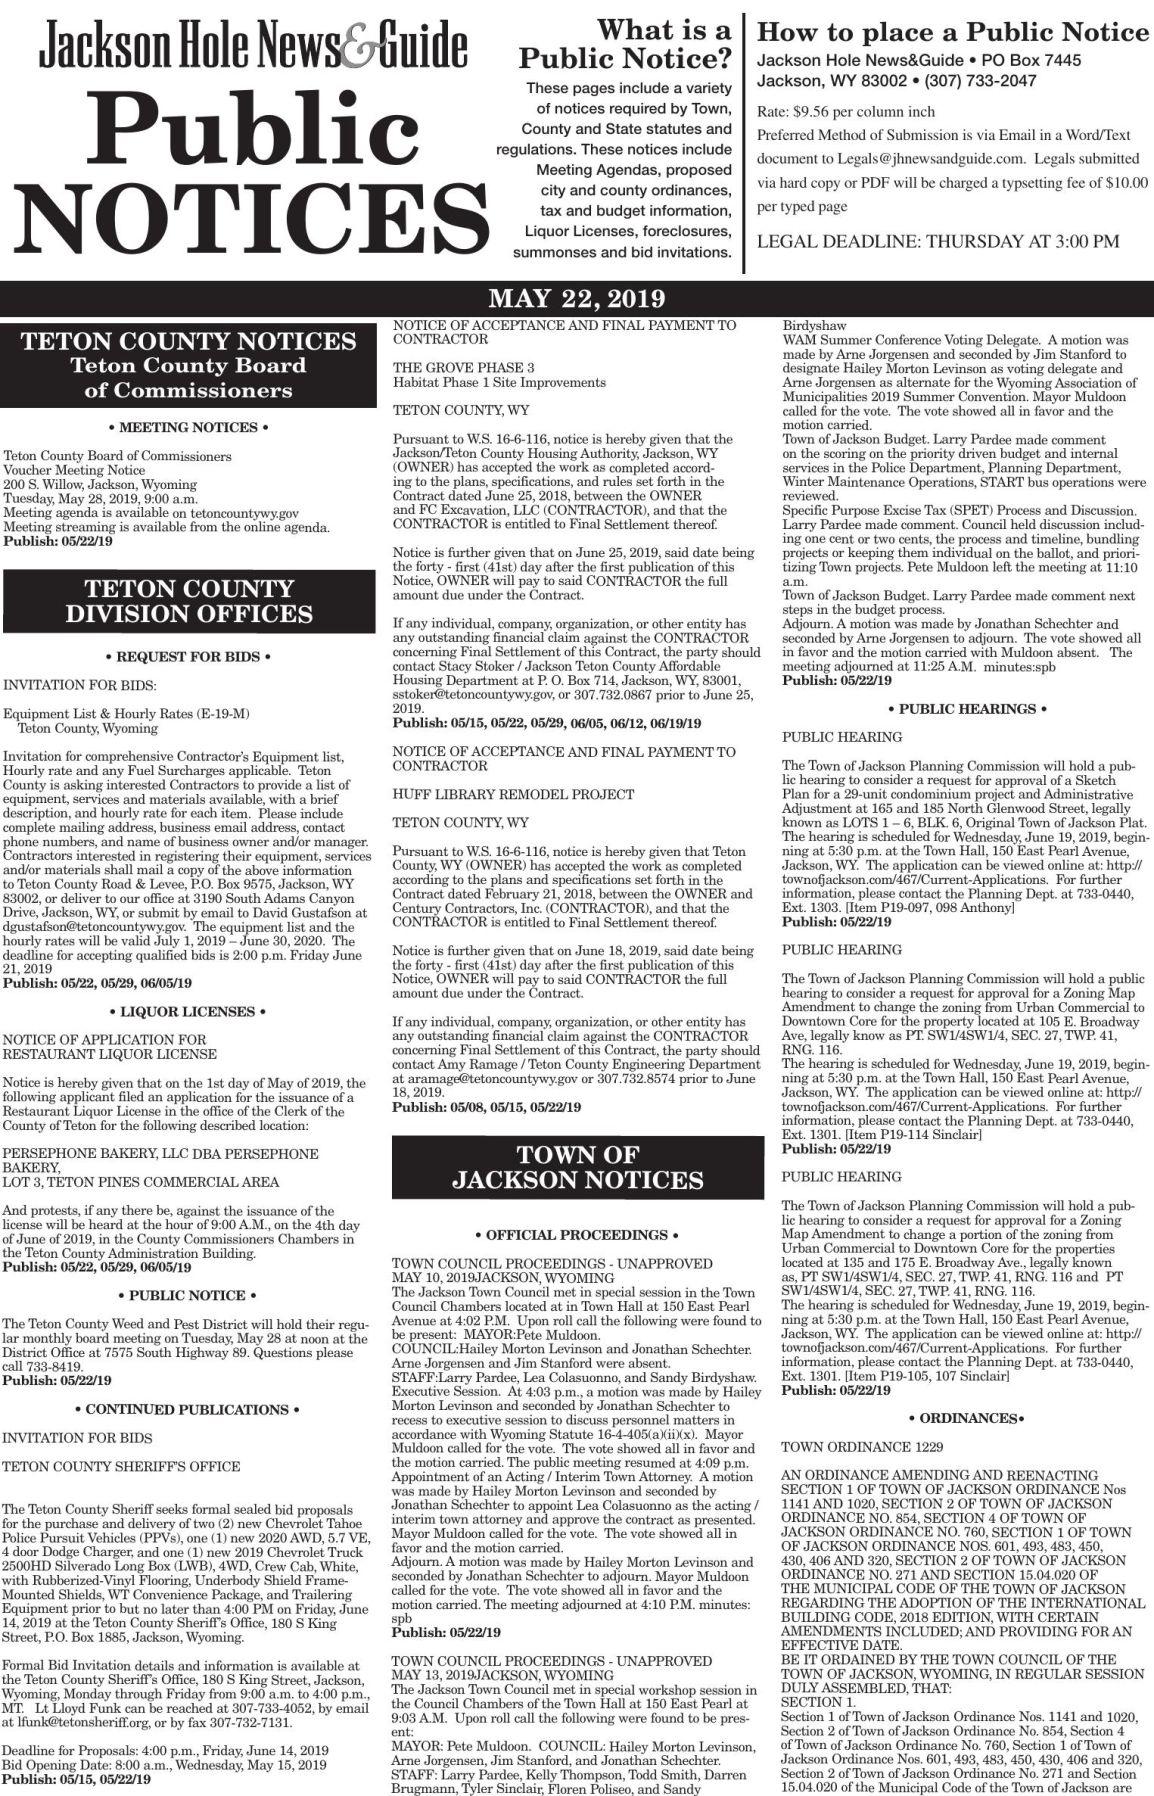 Public Notices, May 22, 2019